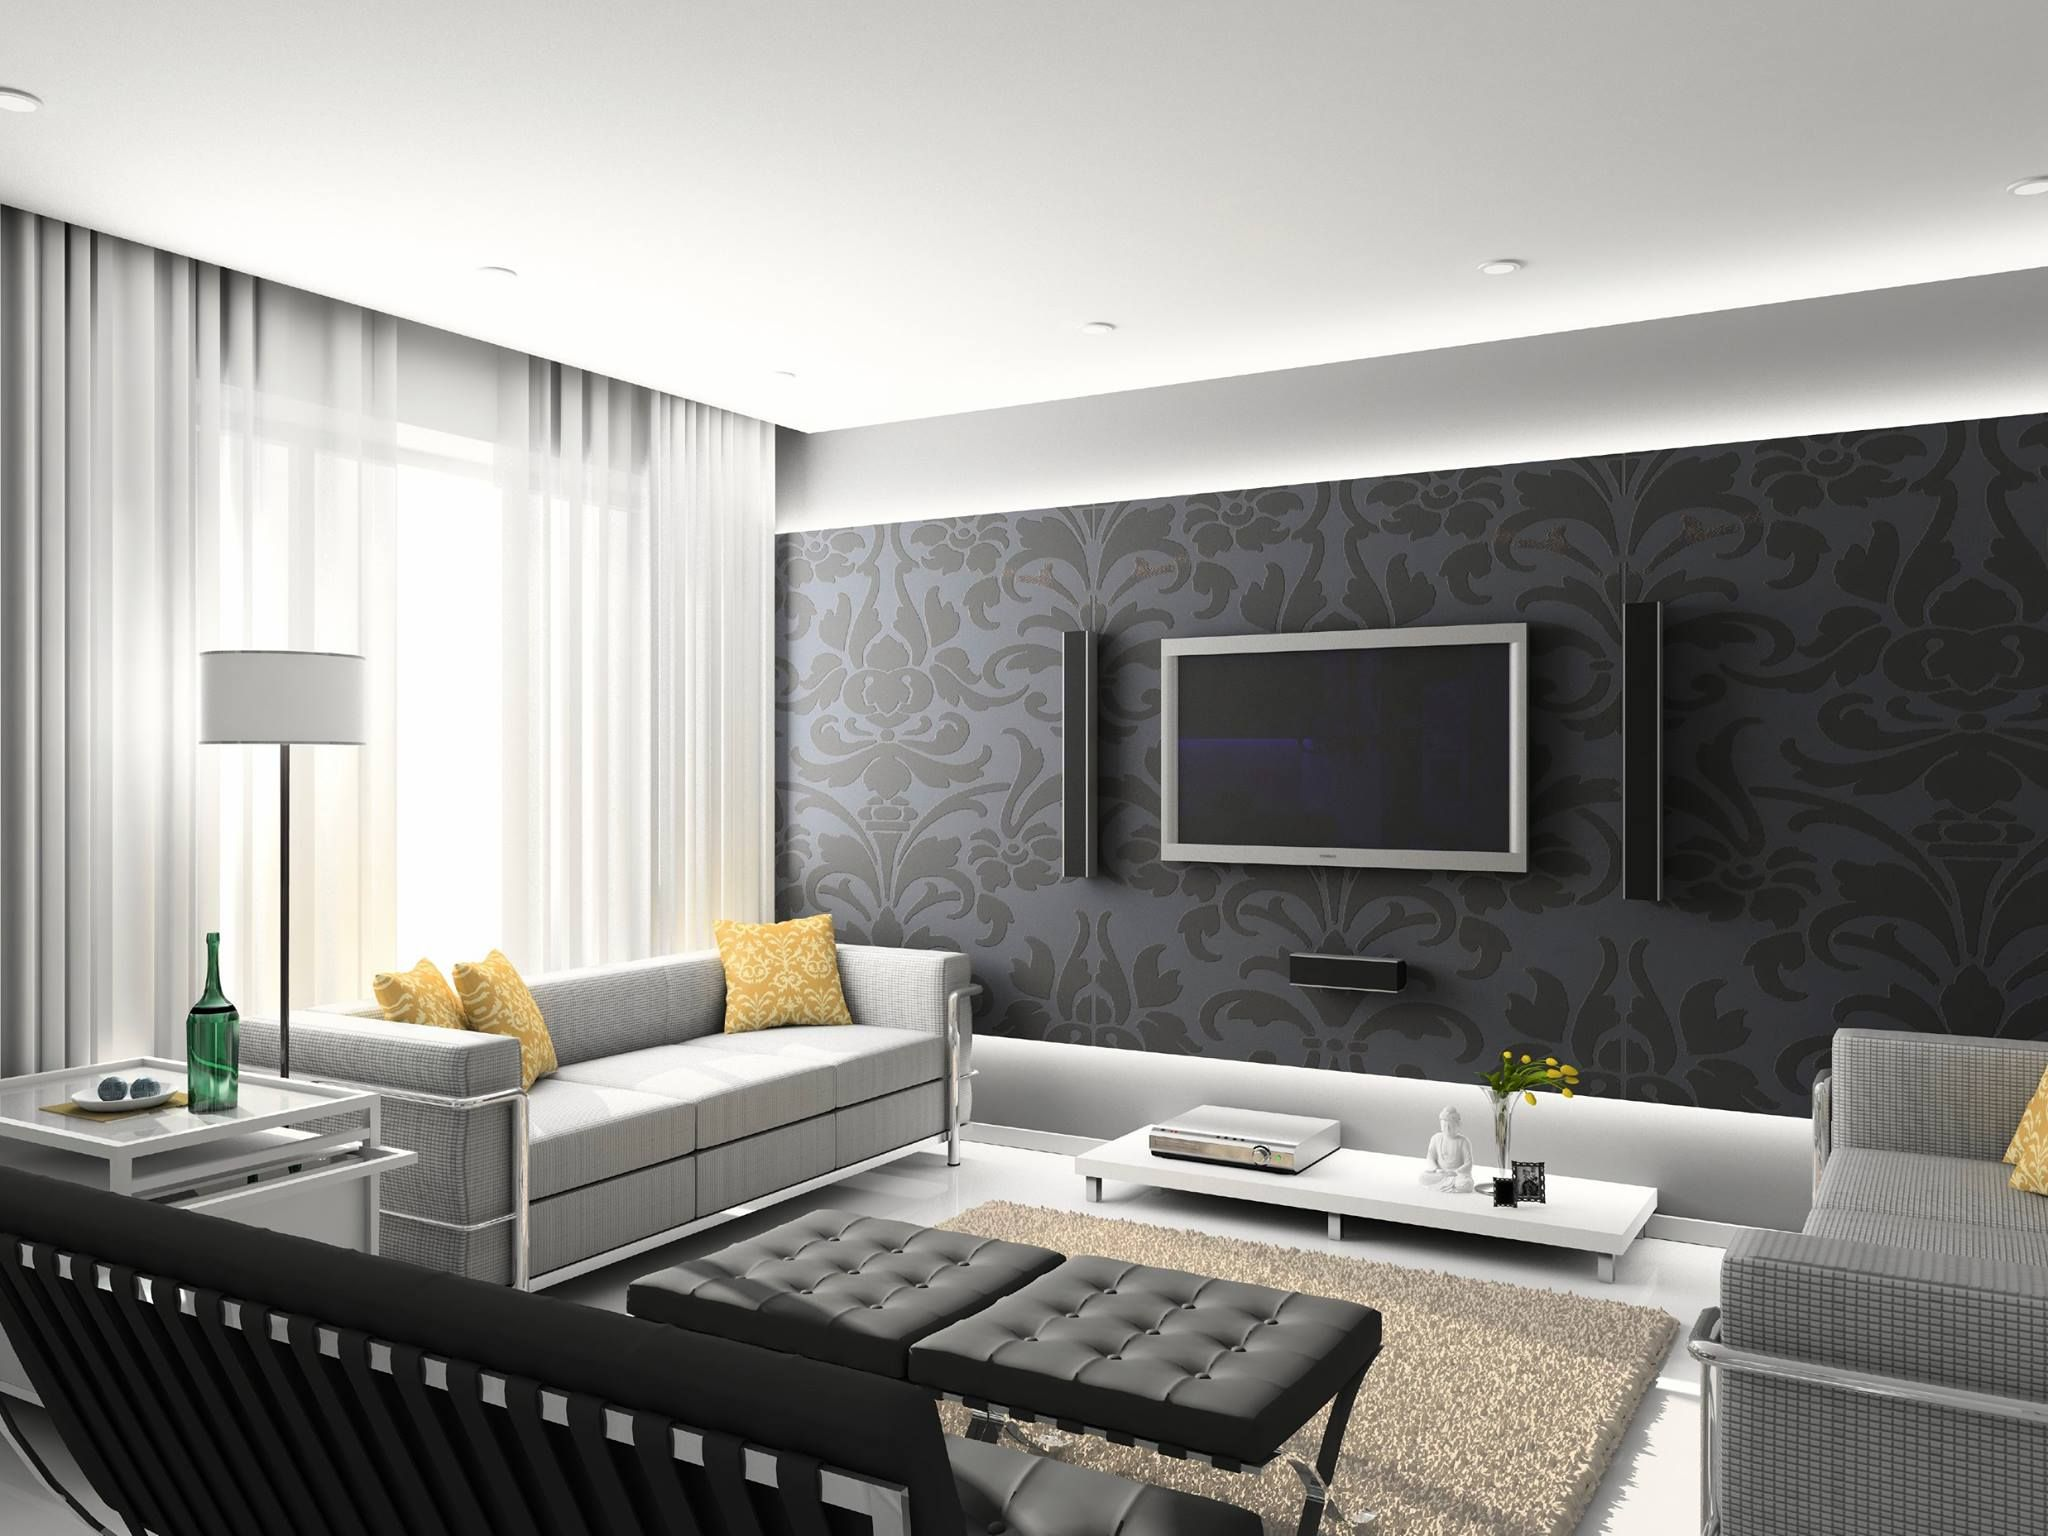 La domotique ? Accessible ! À une époque où la technologie prend de plus en plus sa place, la domotique vous permet d'élever d'un cran la gestion quotidienne de votre demeure. Informez-vous !